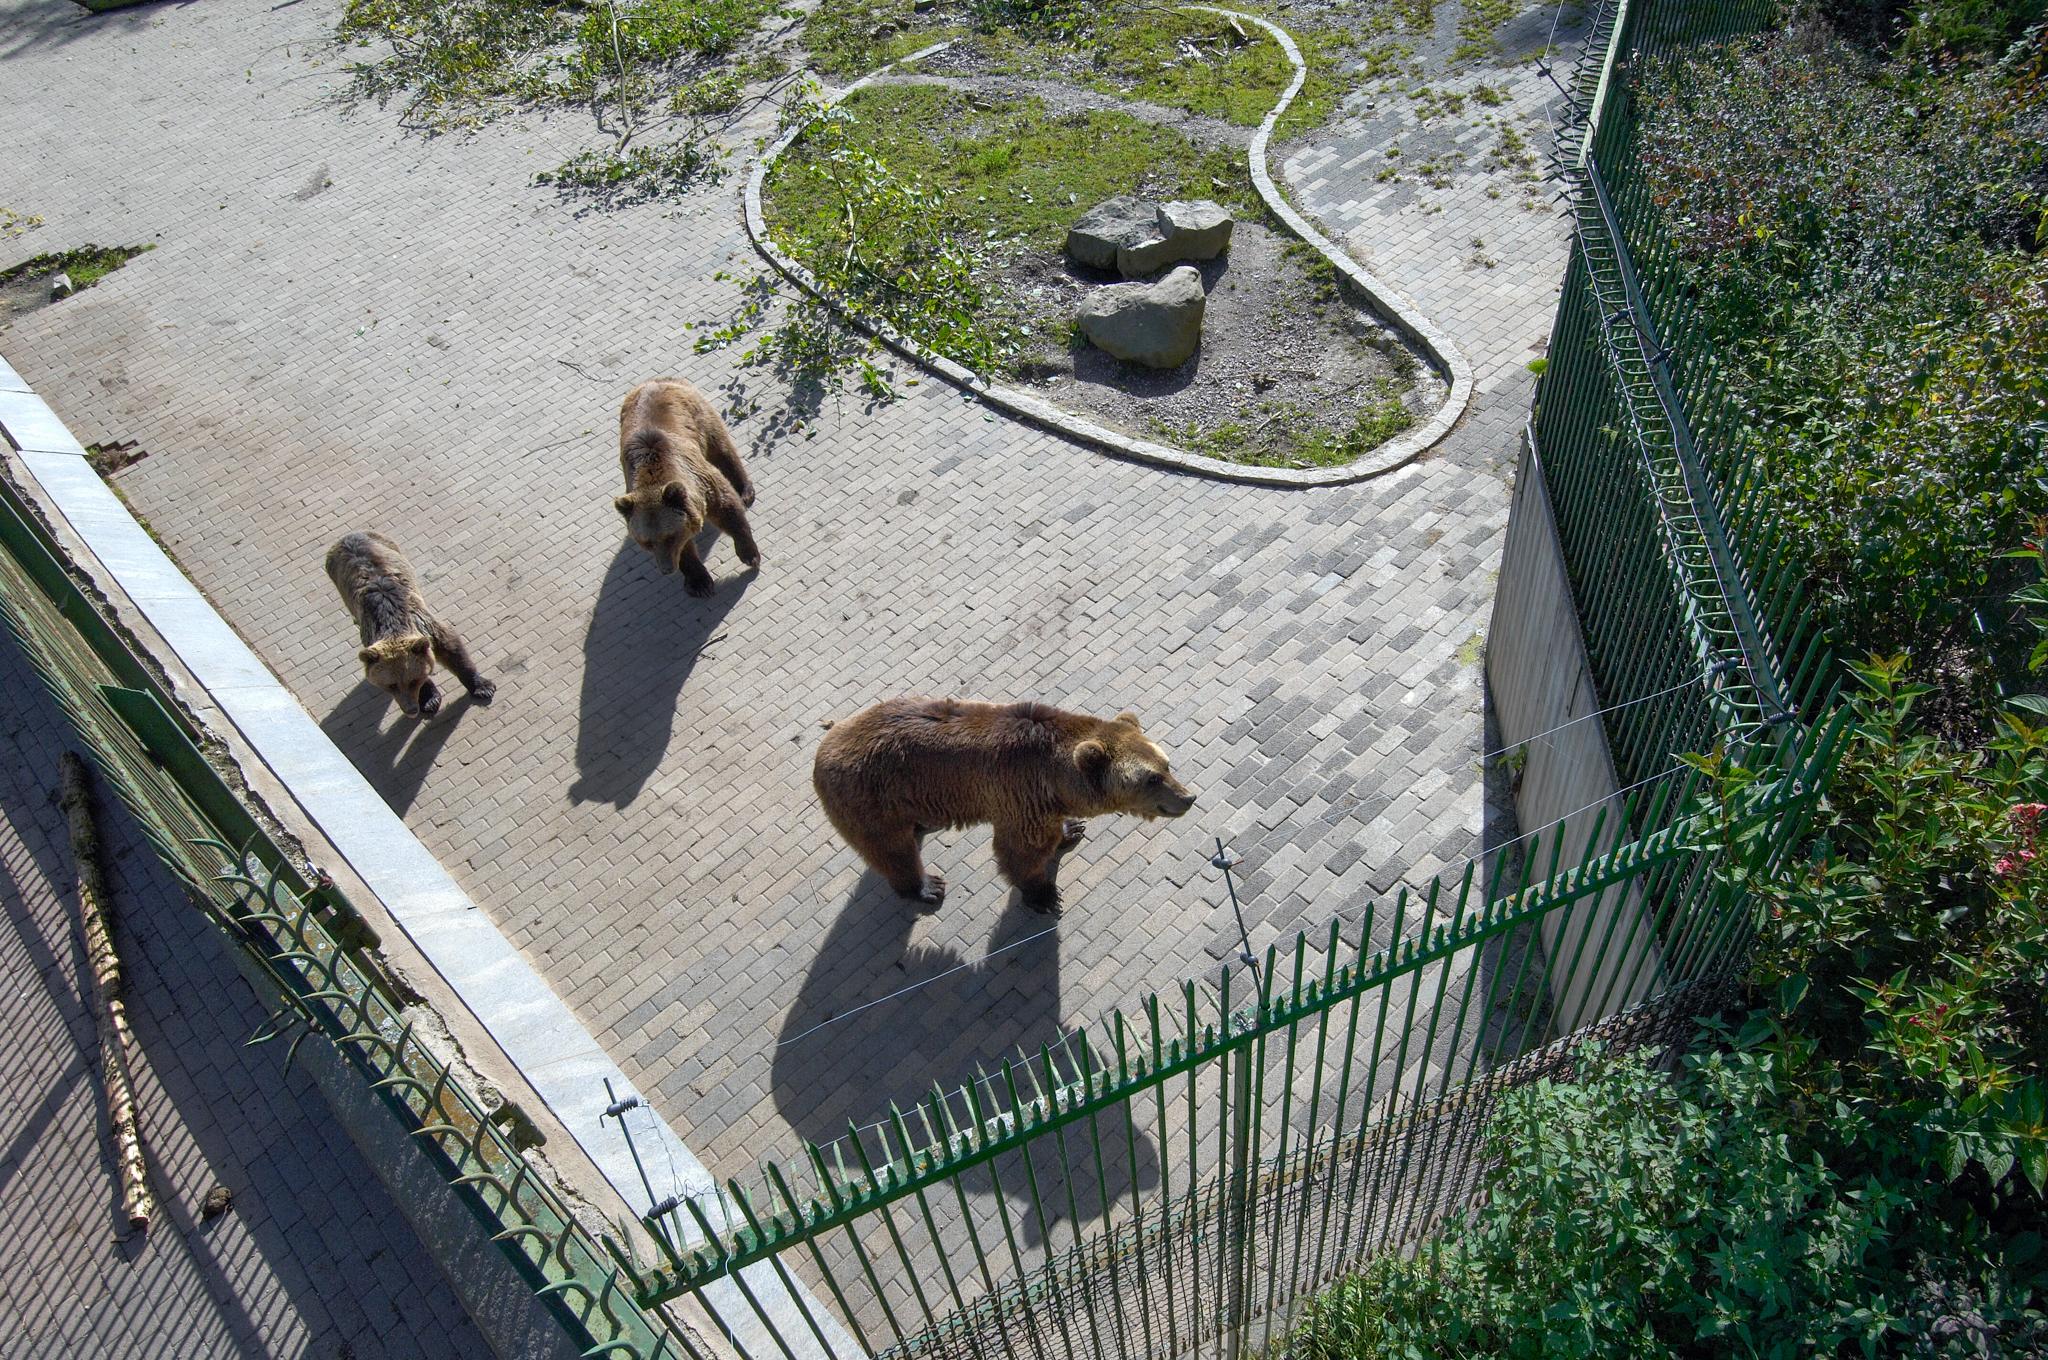 Die drei Bären in ihrem tristen und kleinen Gehege